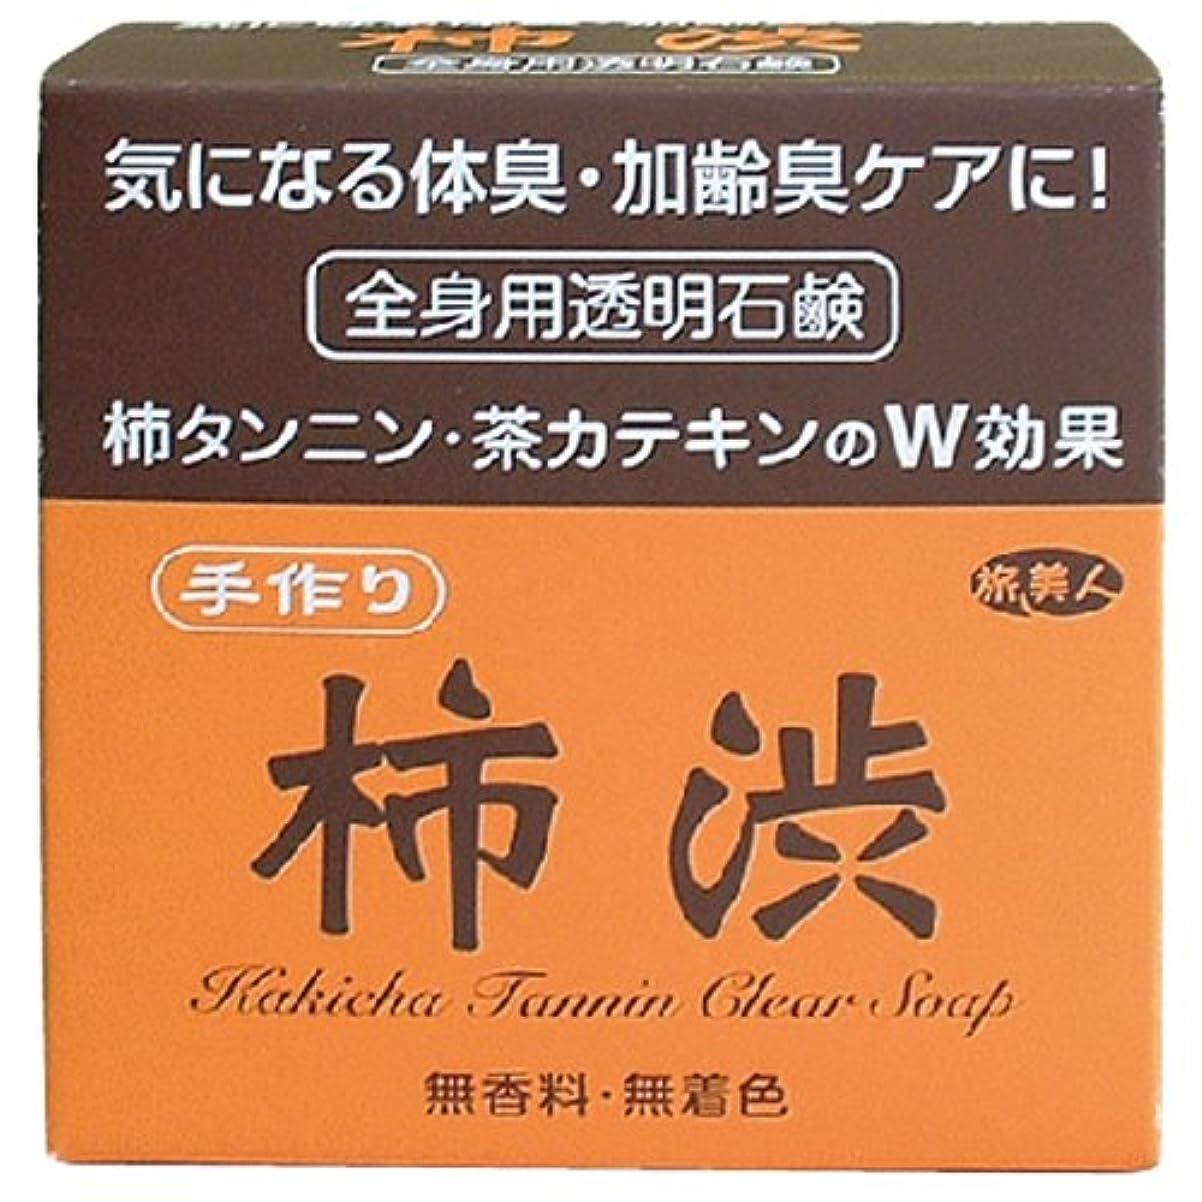 望まないひまわり元気な気になる体臭?加齢臭ケアに アズマ商事の手作り柿渋透明石鹸